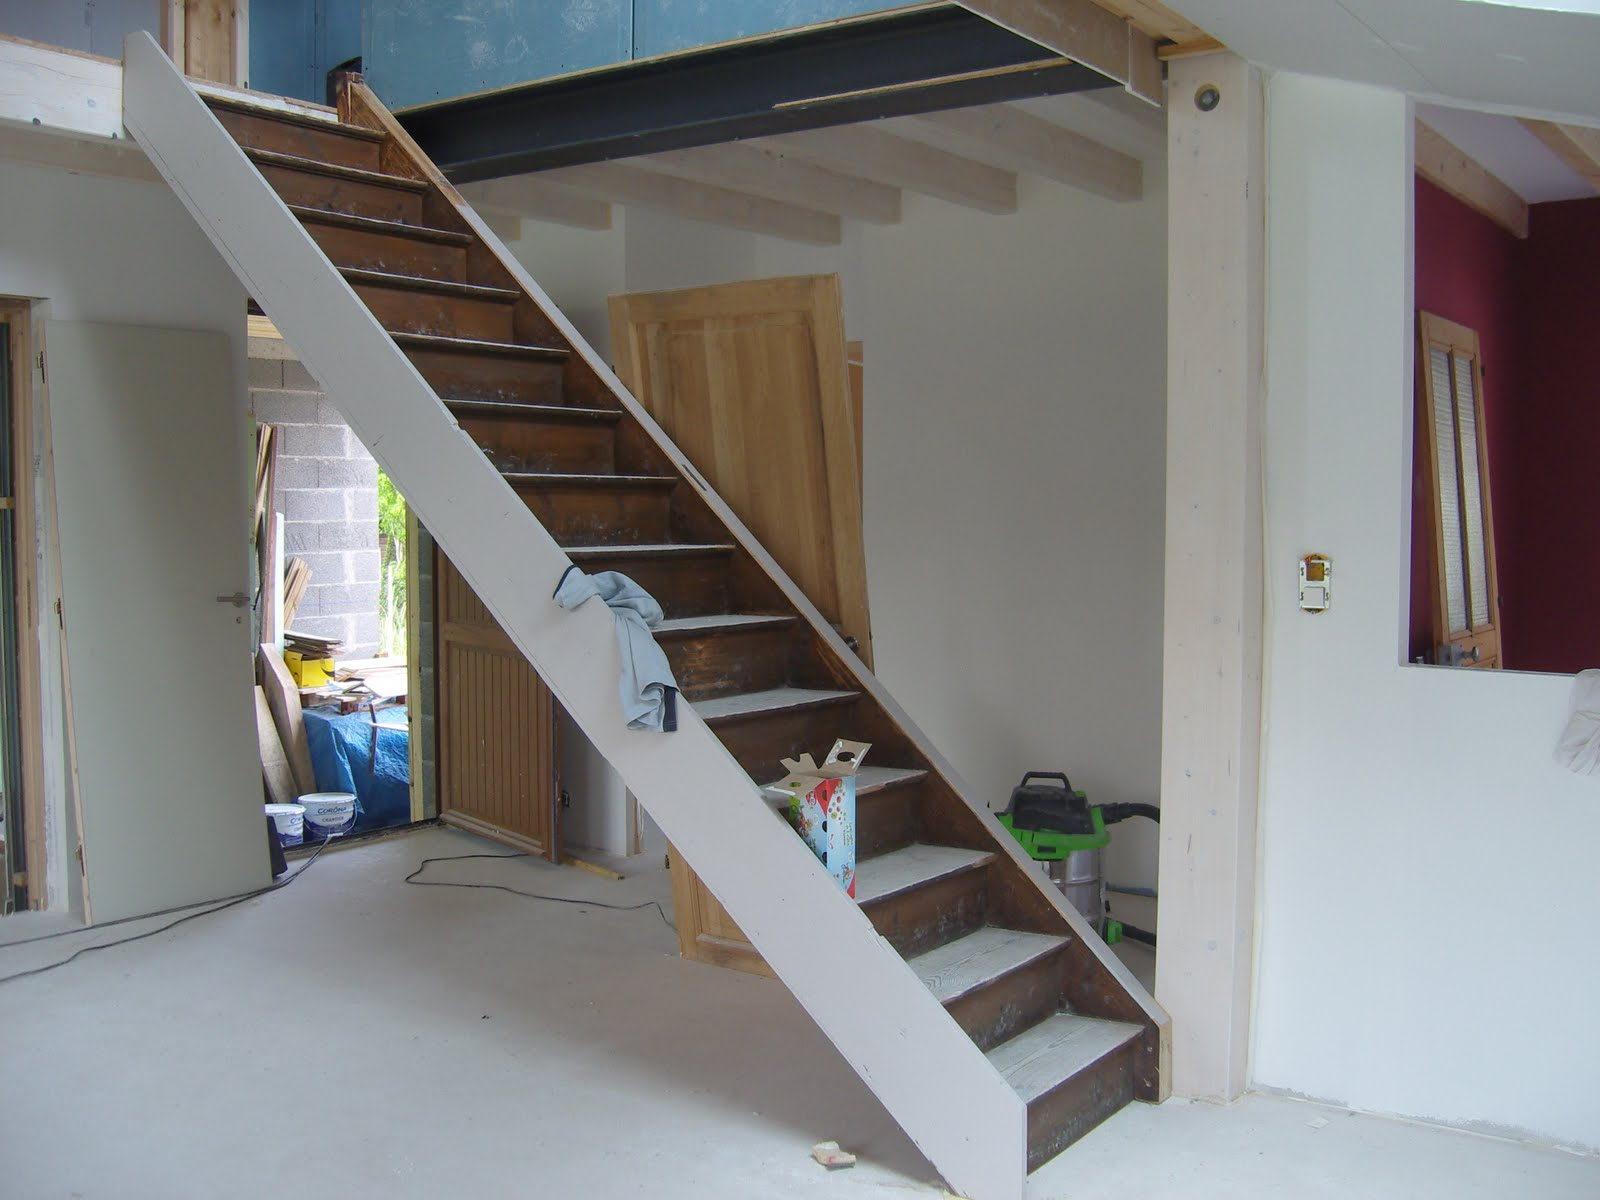 Peindre escalier bois en gris - Peindre un escalier en bois en blanc ...